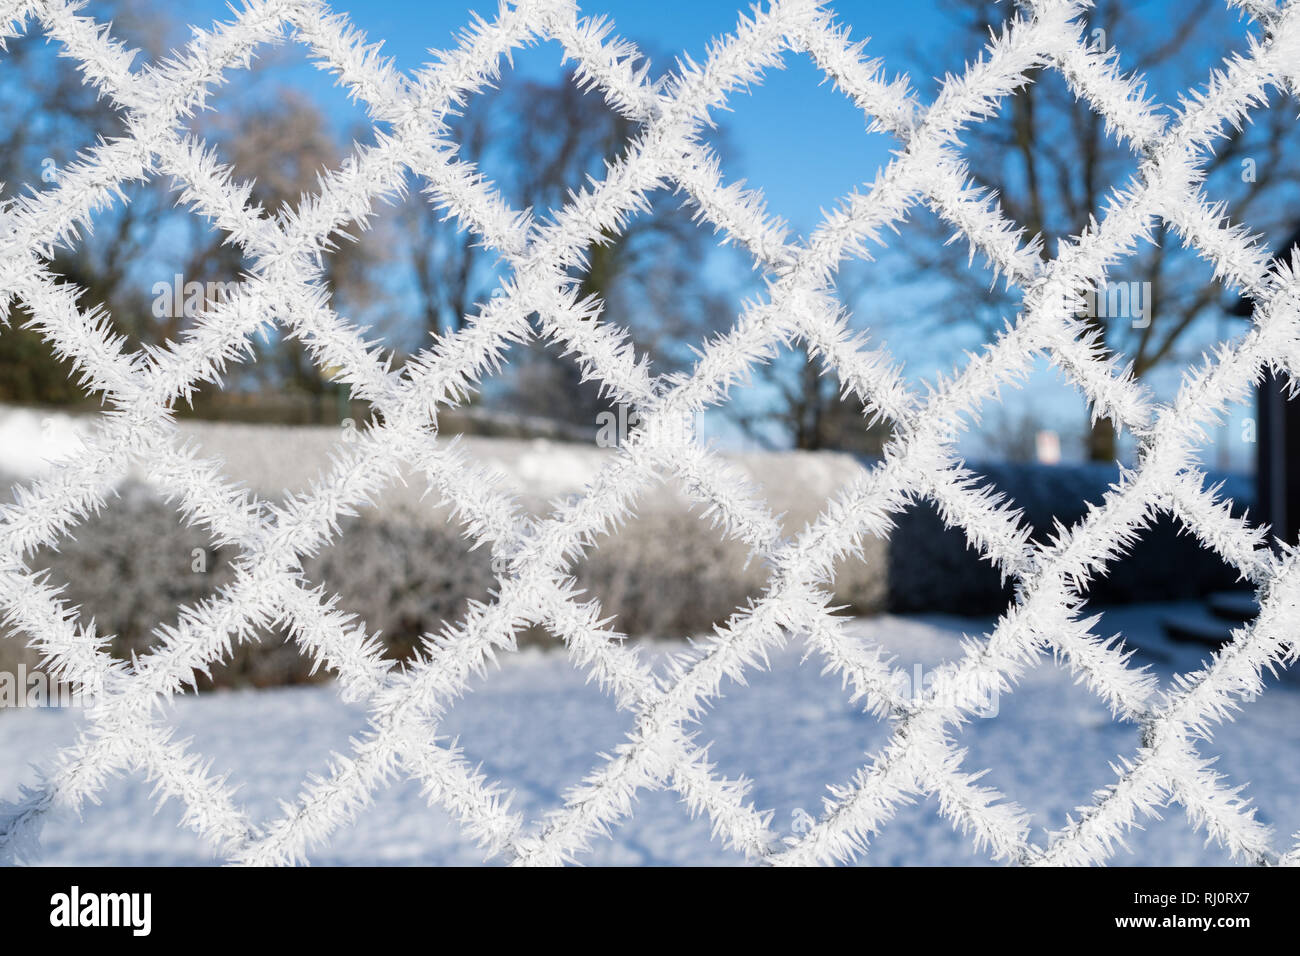 Los cristales de hielo en la pista de tenis esgrima Imagen De Stock